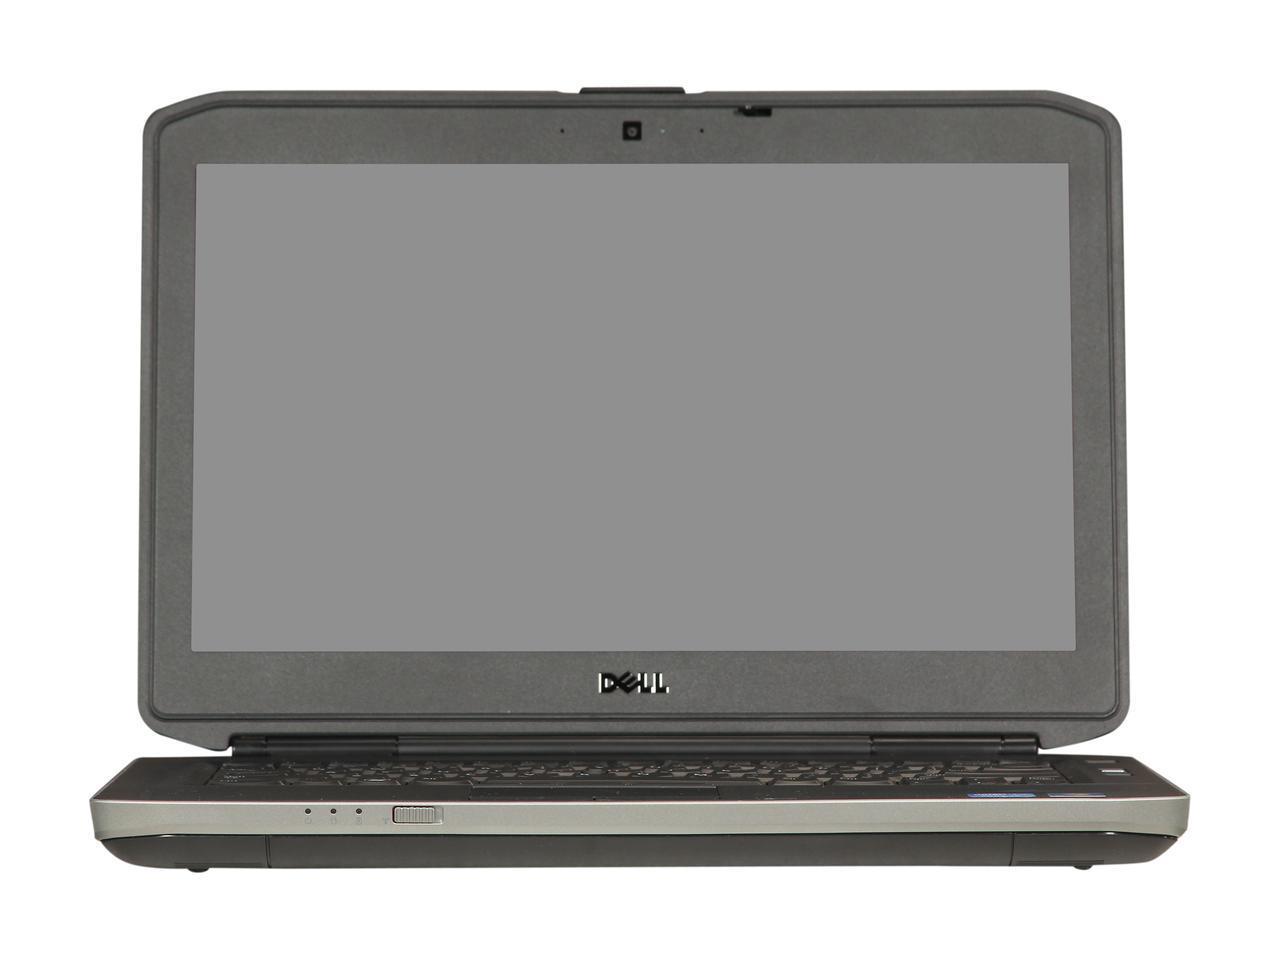 Hình ảnh Laptop Dell Latitude E5430 giá rẻ